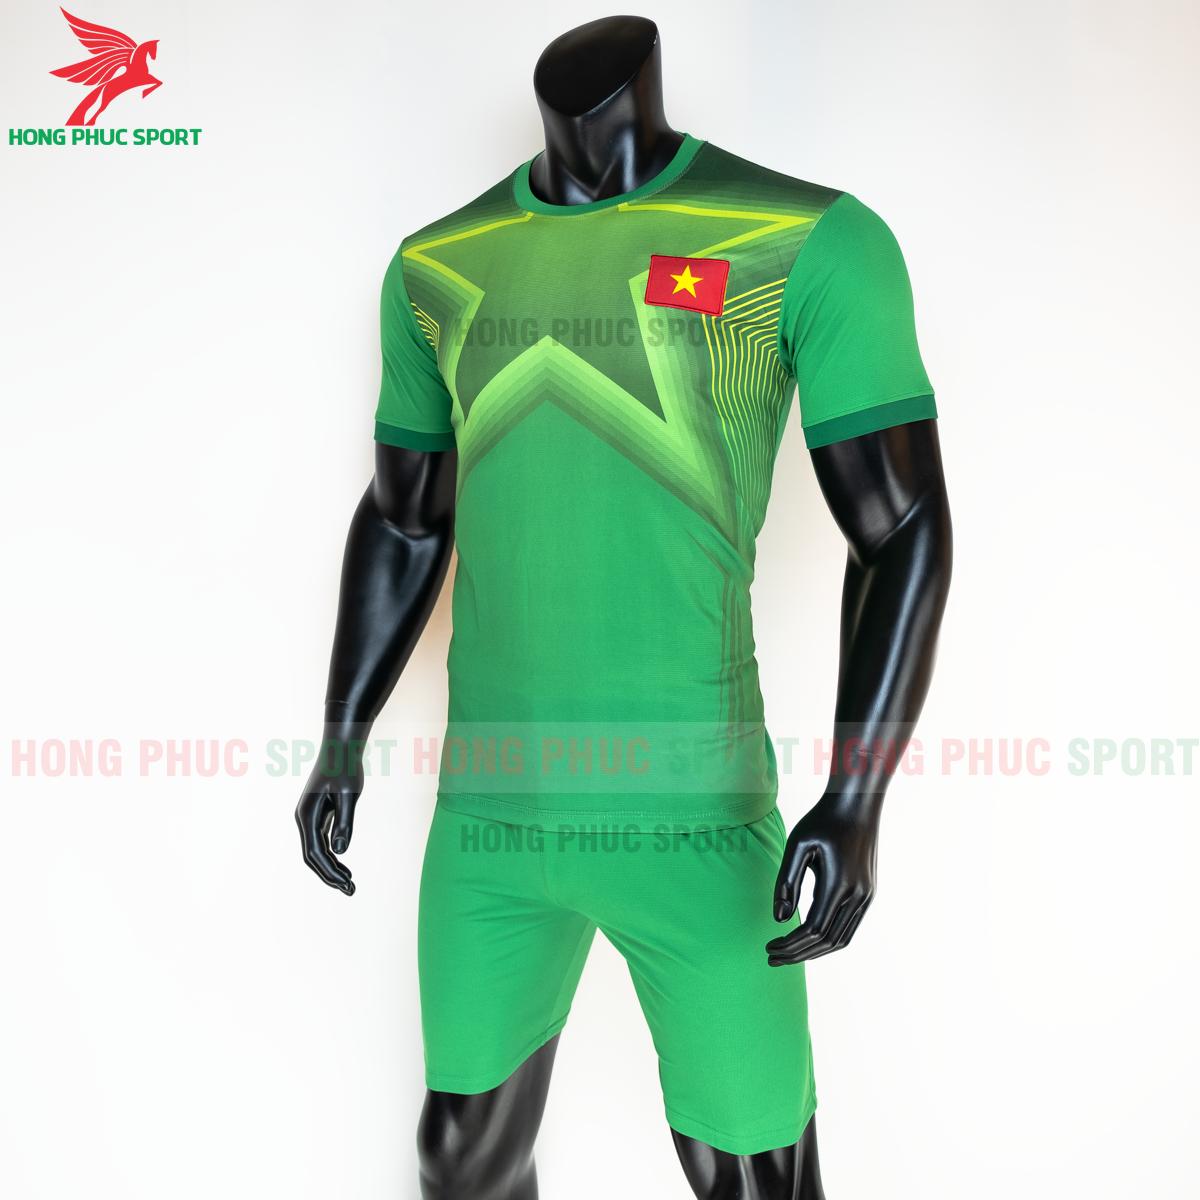 https://cdn.hongphucsport.com/unsafe/s4.shopbay.vn/files/285/ao-bong-da-thu-mon-viet-nam-2021-san-nha-3-605038afc67bd.png